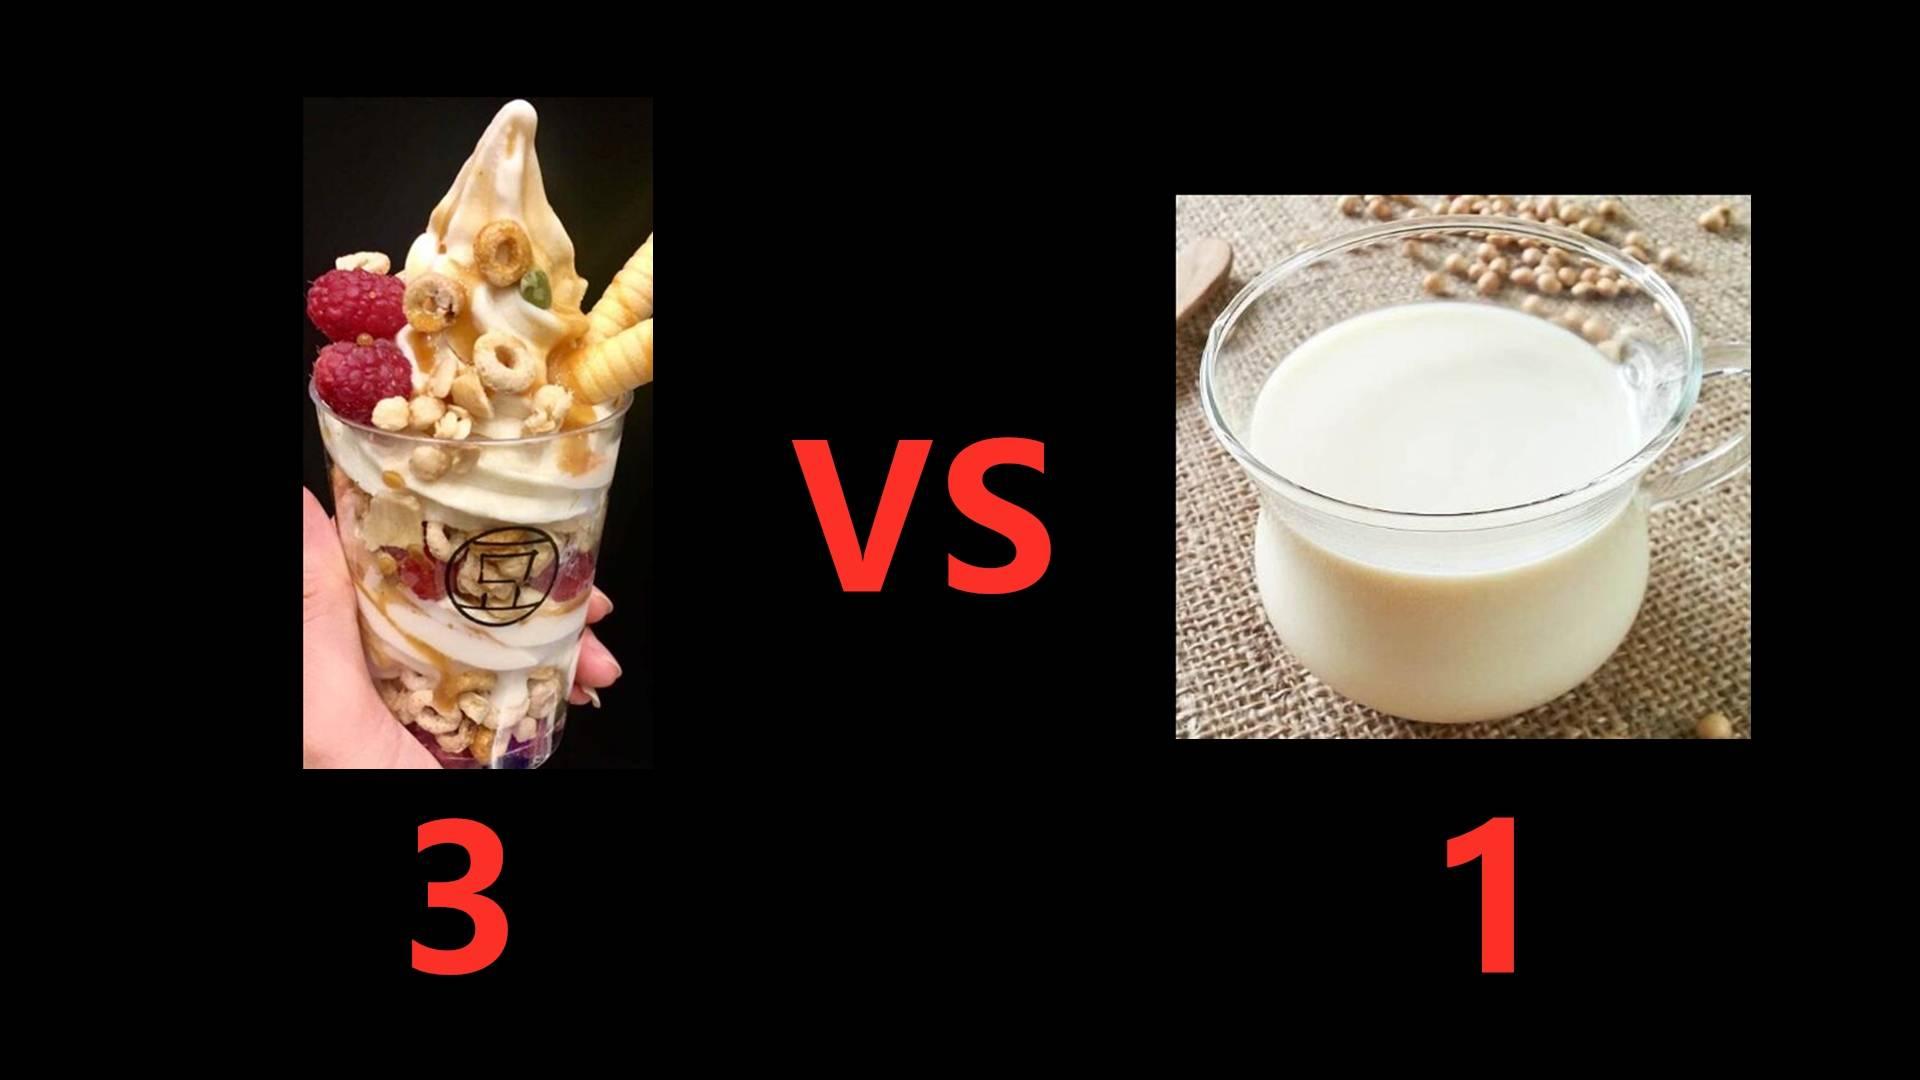 吃冰激凌真的能减肥吗?这是真的,但其中的风险也很大